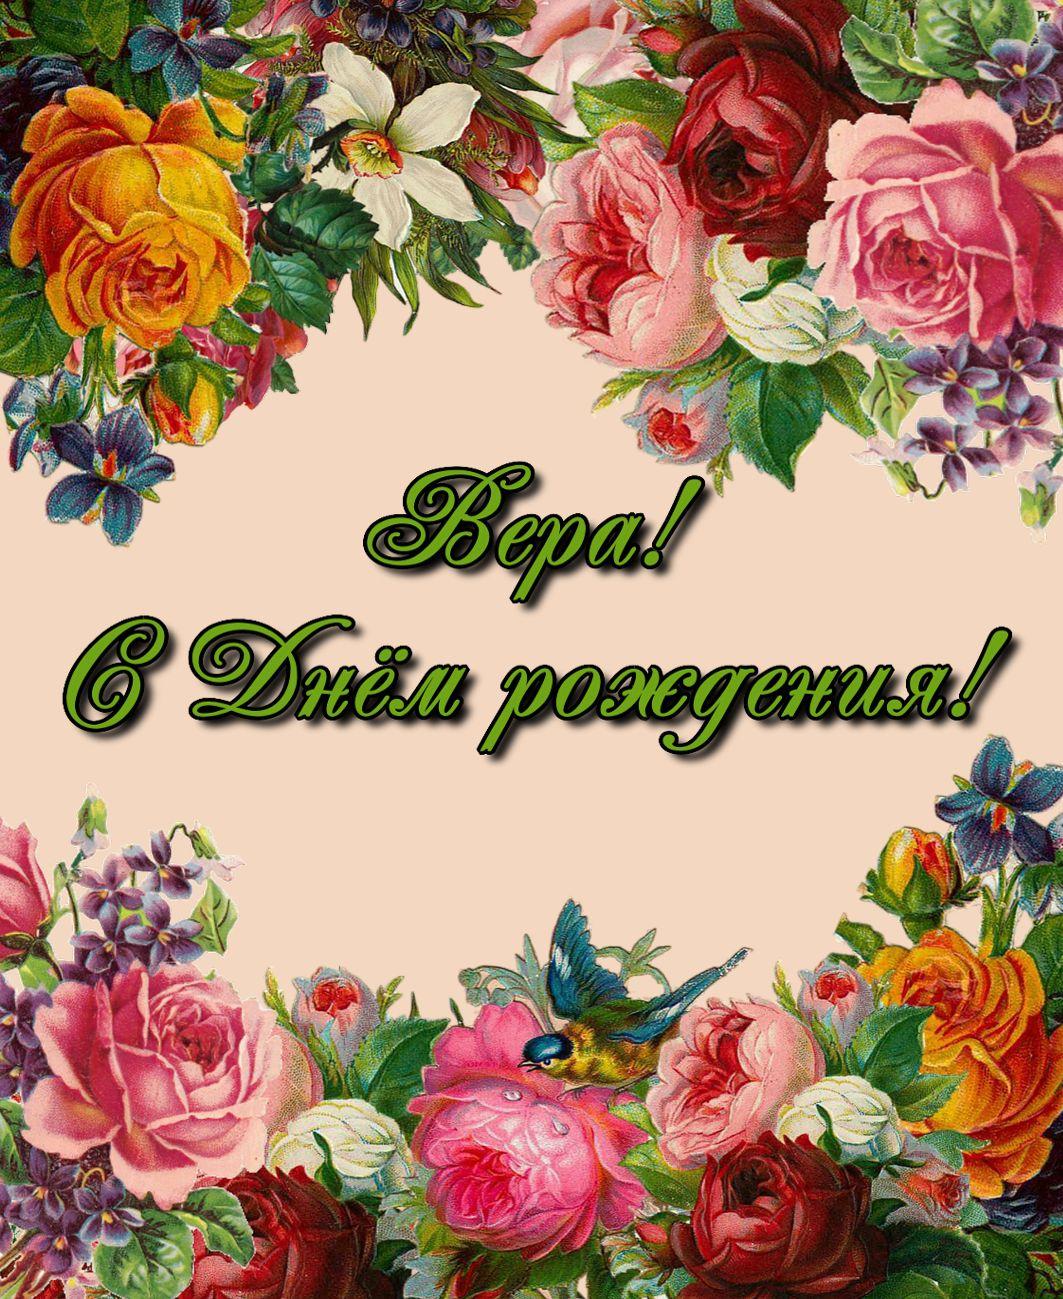 Поздравление Вере на цветочном фоне